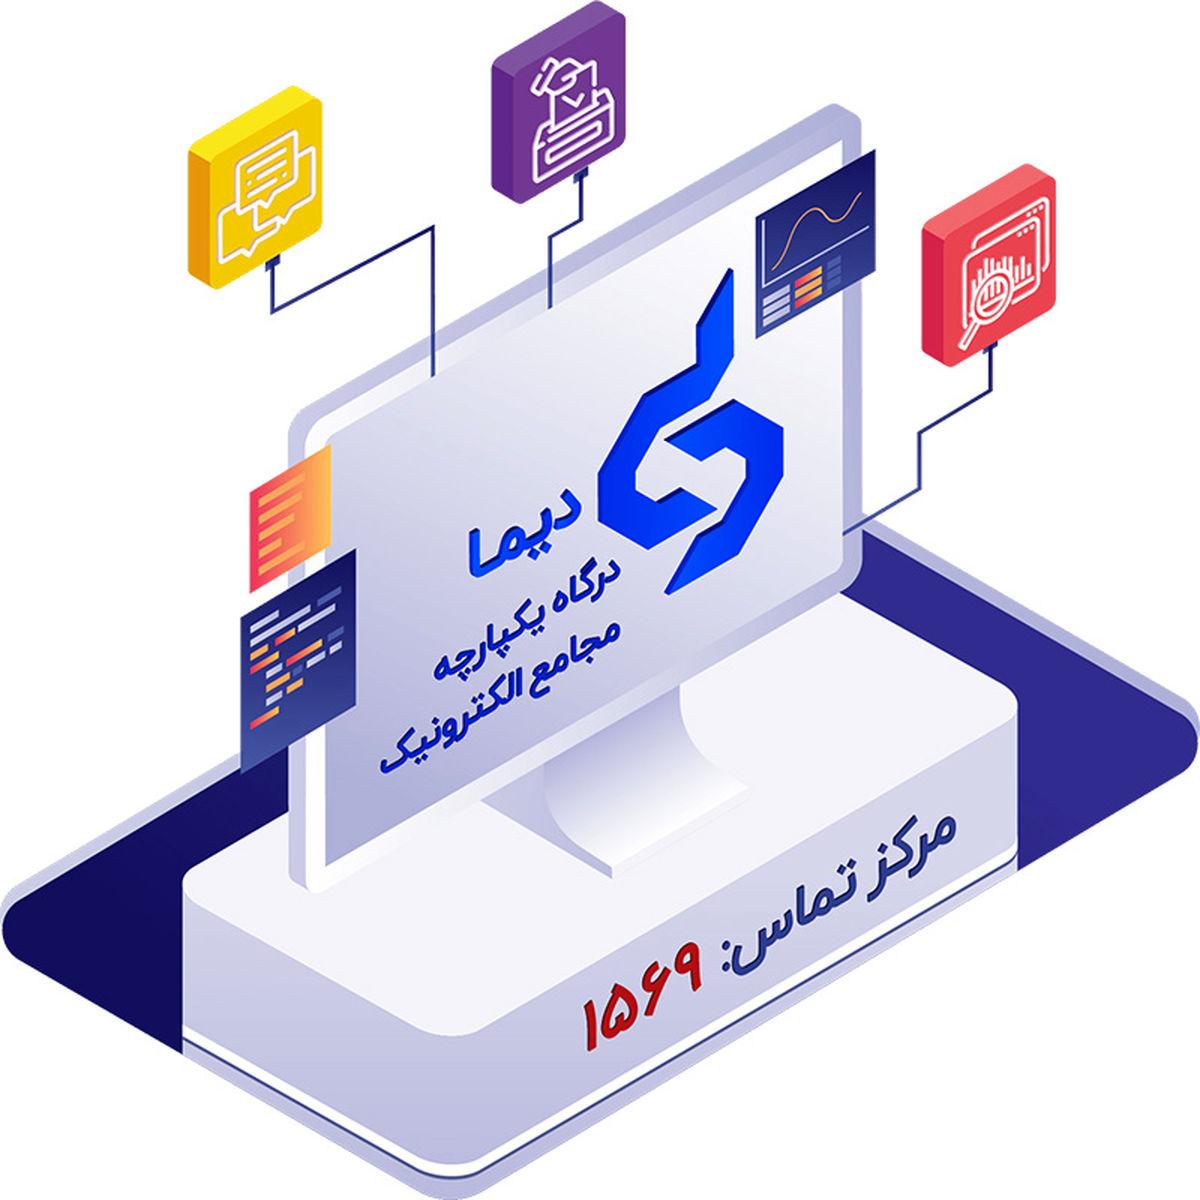 سمات، مجمع الکترونیک بورس تهران را برگزار کرد